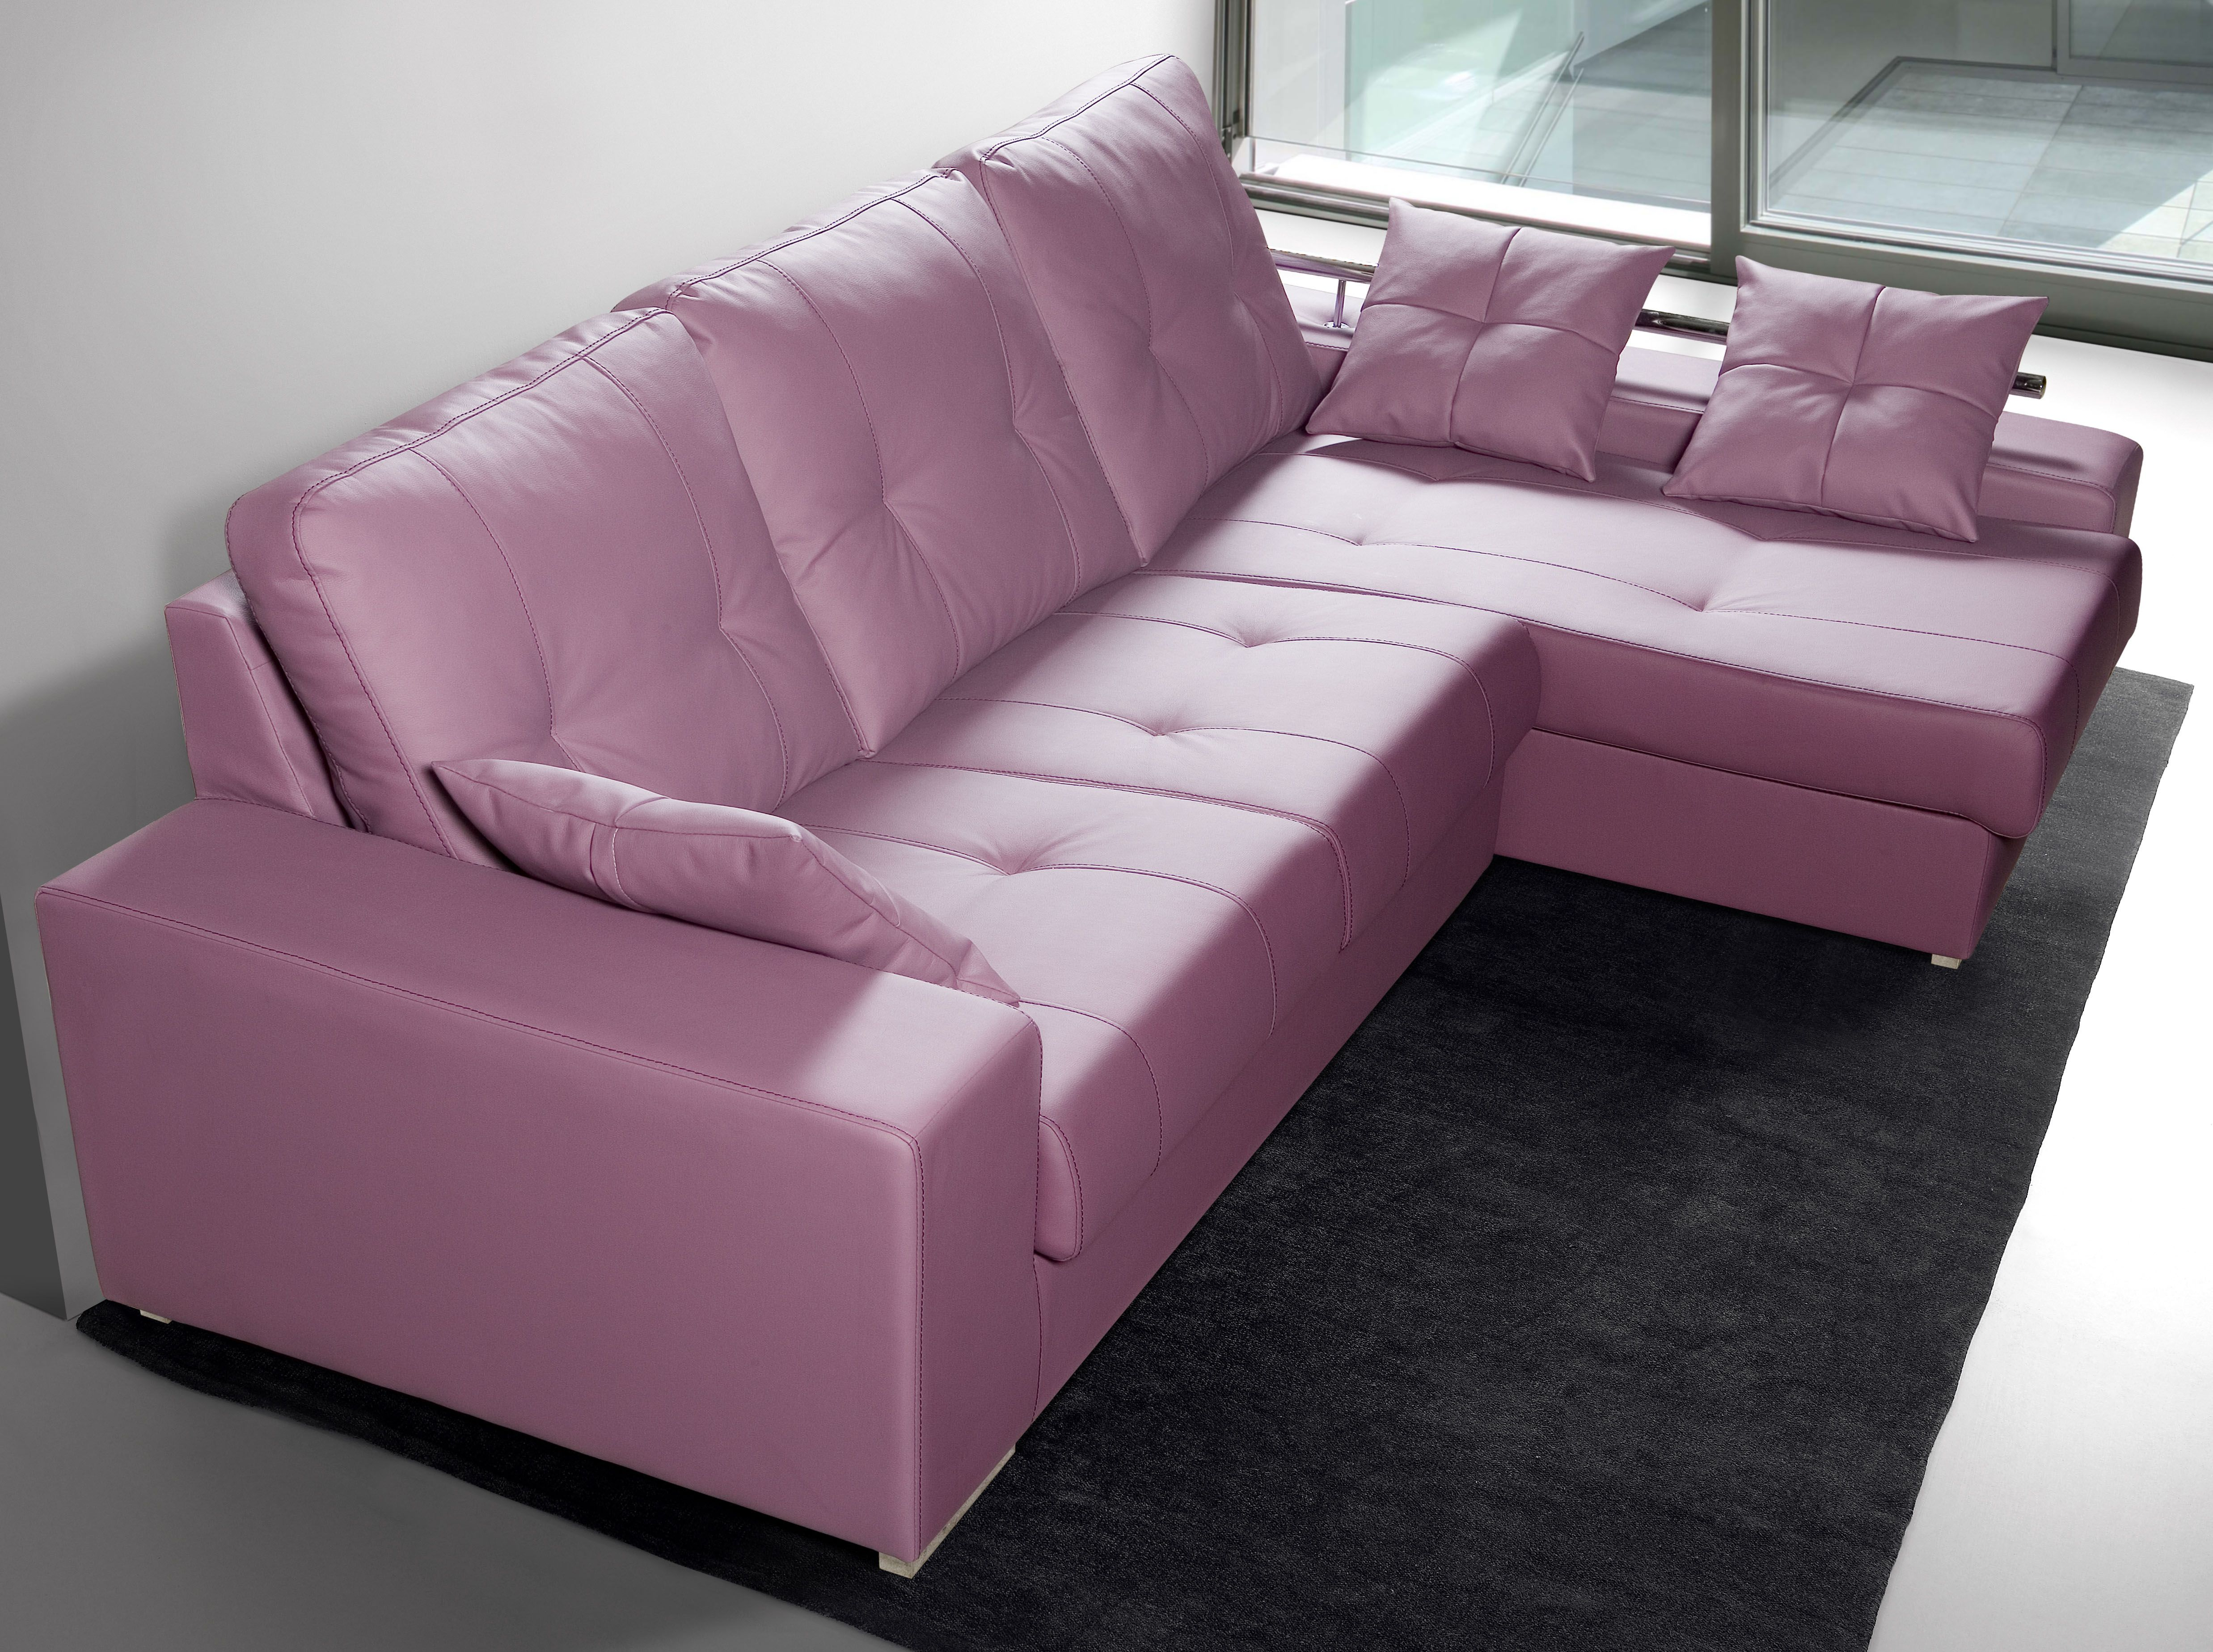 Sofá chaiselongue arrebatadoramente atractivo y funcional